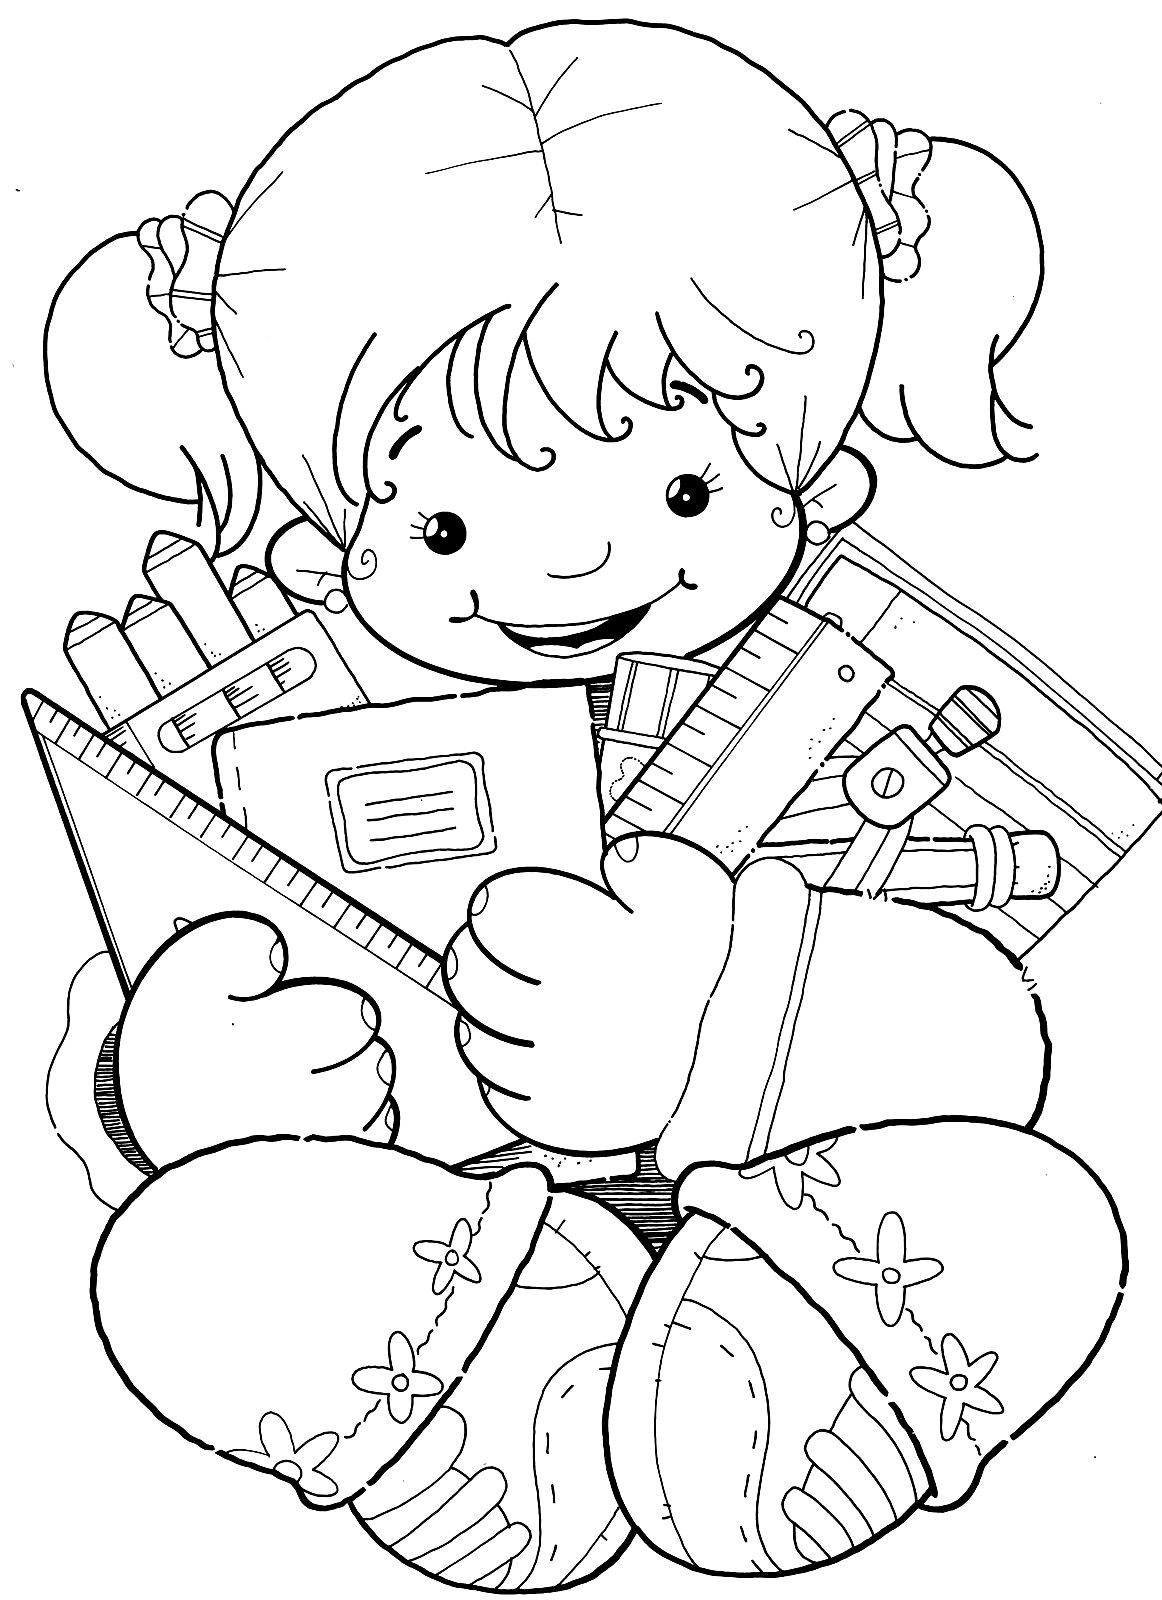 De Desenhos De Meninas Para Imprimir E Colorir  Esses Desenhos